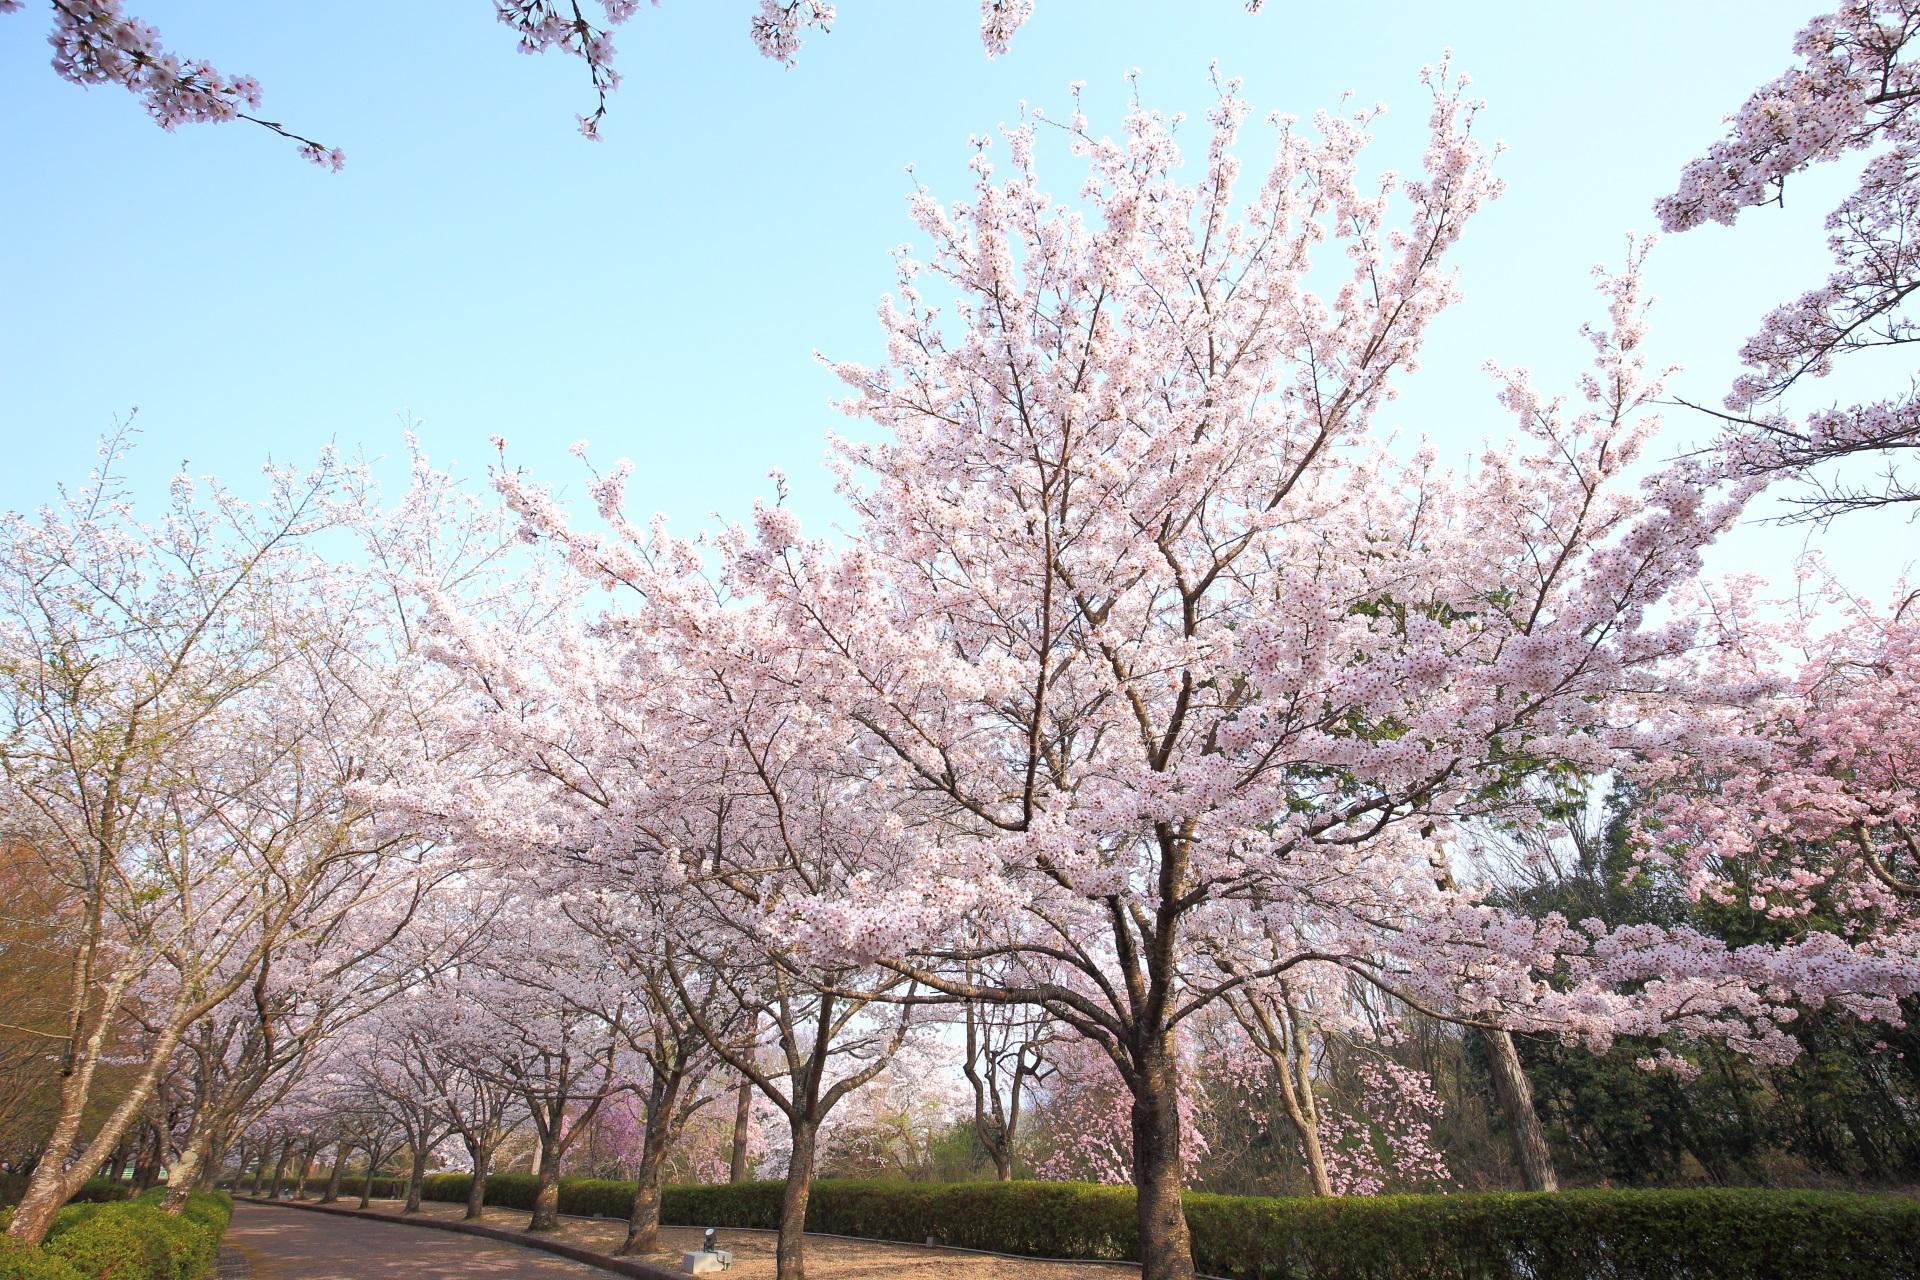 和らぎの道の煌く桜